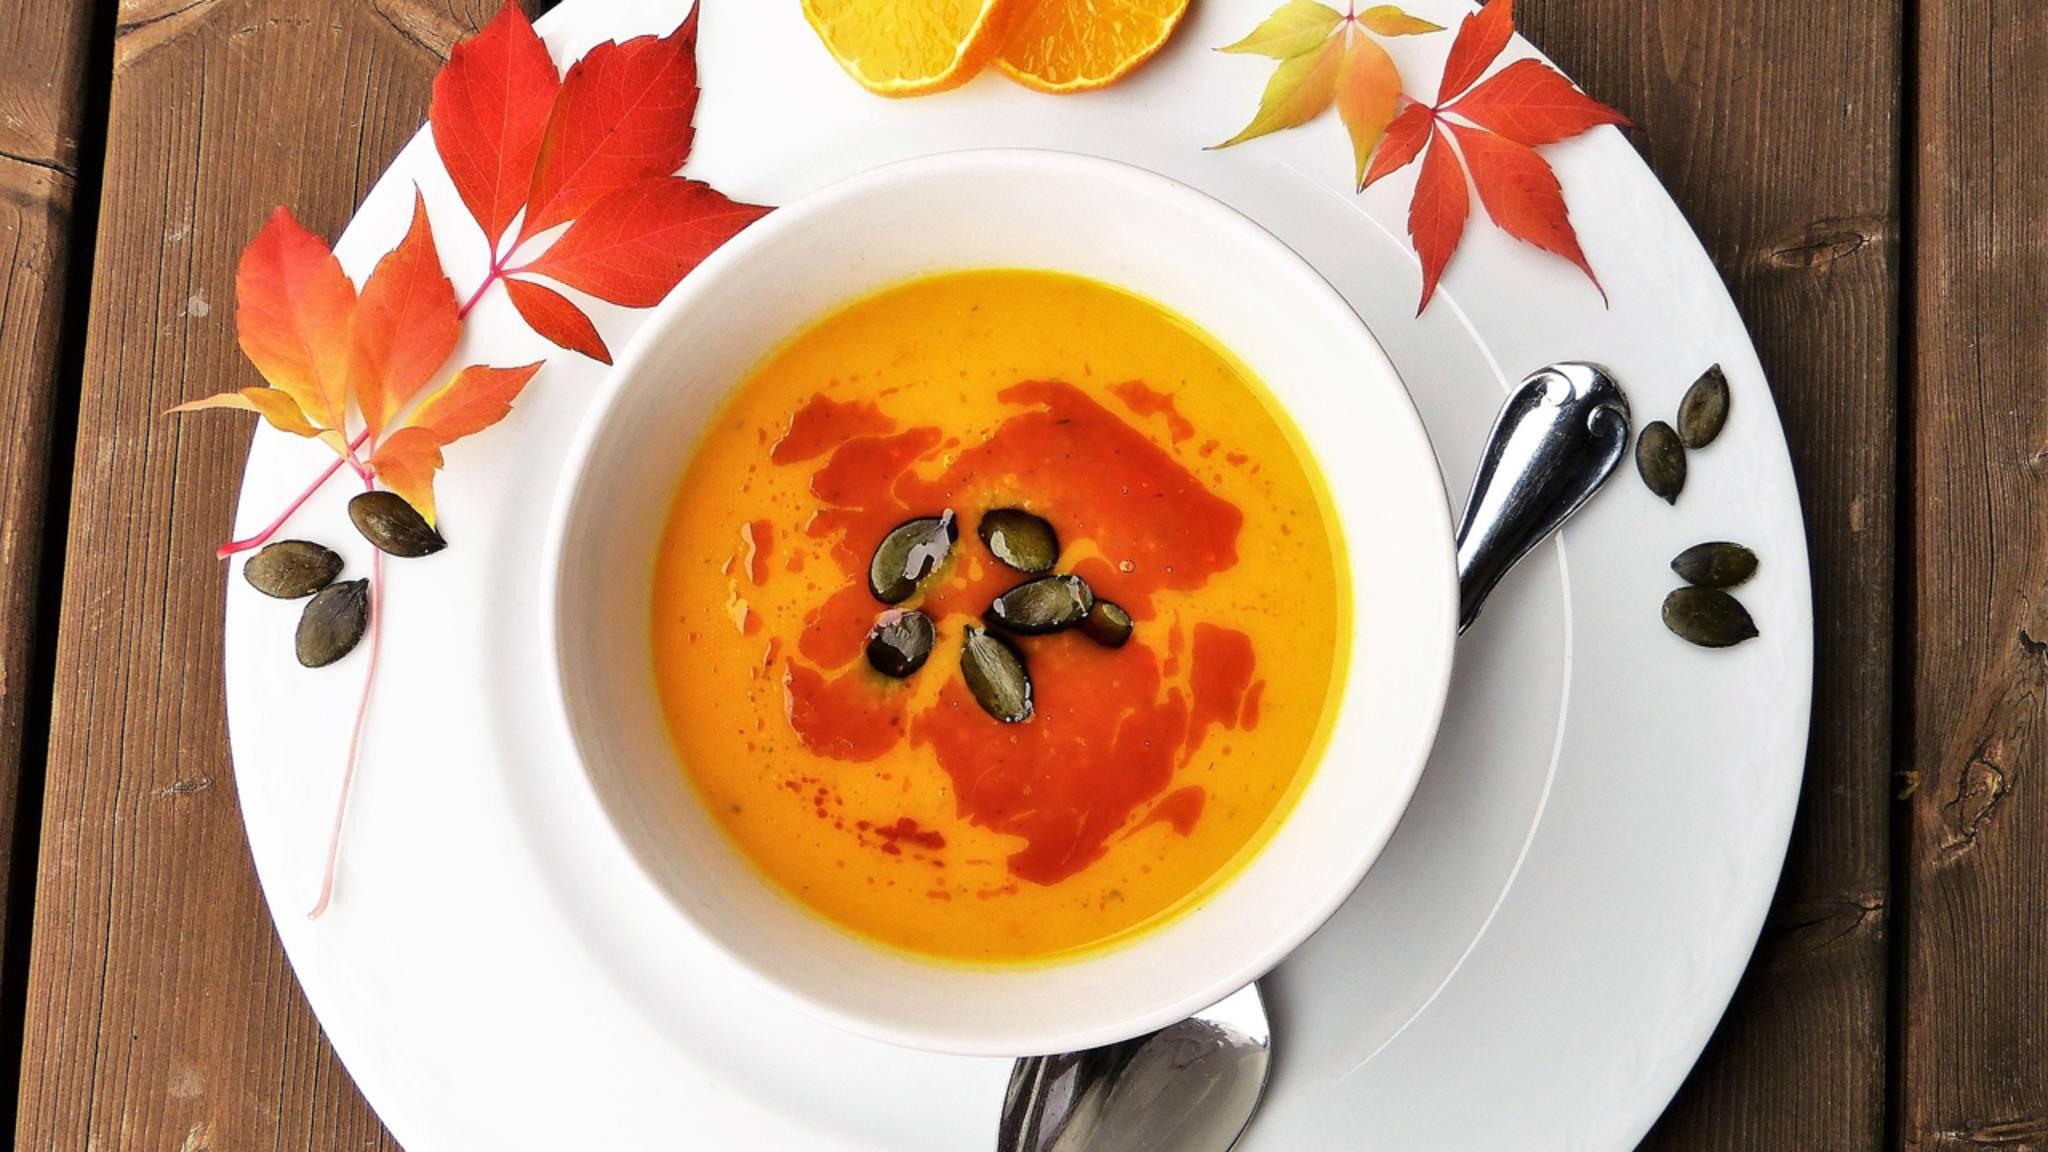 Trotz des Namens: Gegen das Suppenkoma hilft auch eine leichte Suppe zu Mittag.